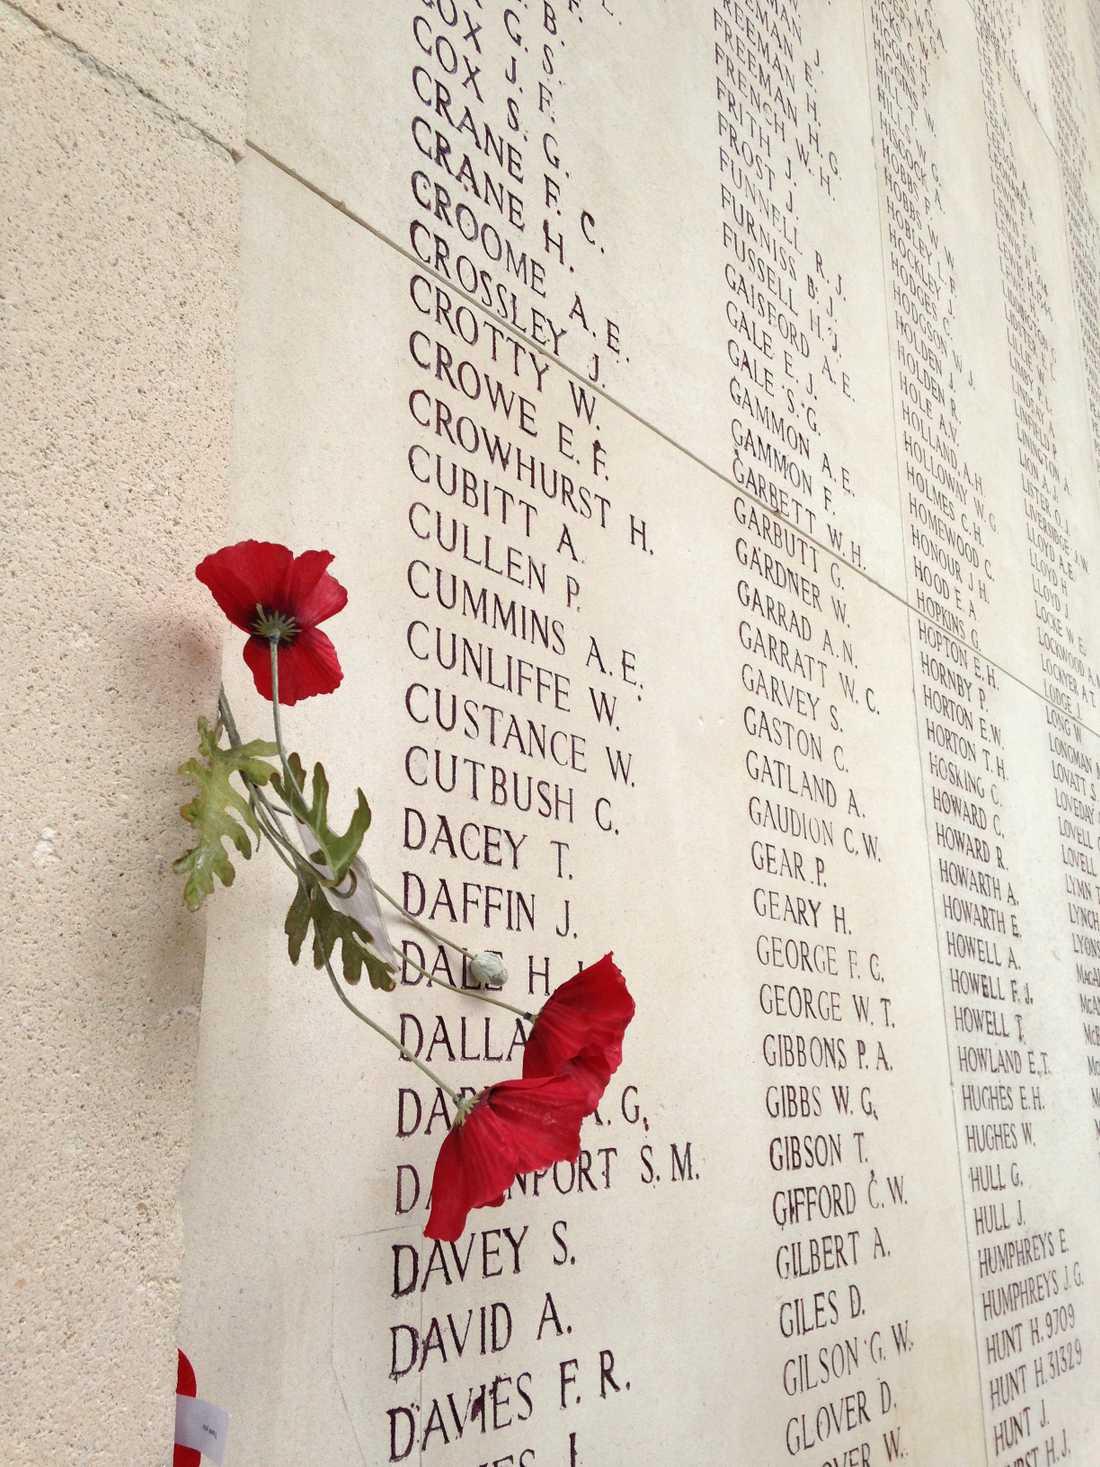 Vallmon har blivit en symbolisk blomma för helvetet på västfronten, sedan de forna skyttegravarna efter krigets slut täcktes av blommande röda blommor. Sedan dess hedras de döda ofta med både äkta och konstgjord vallmo, som exempelvis på monumentet vid Menin-porten i Ypern i västra Belgien.